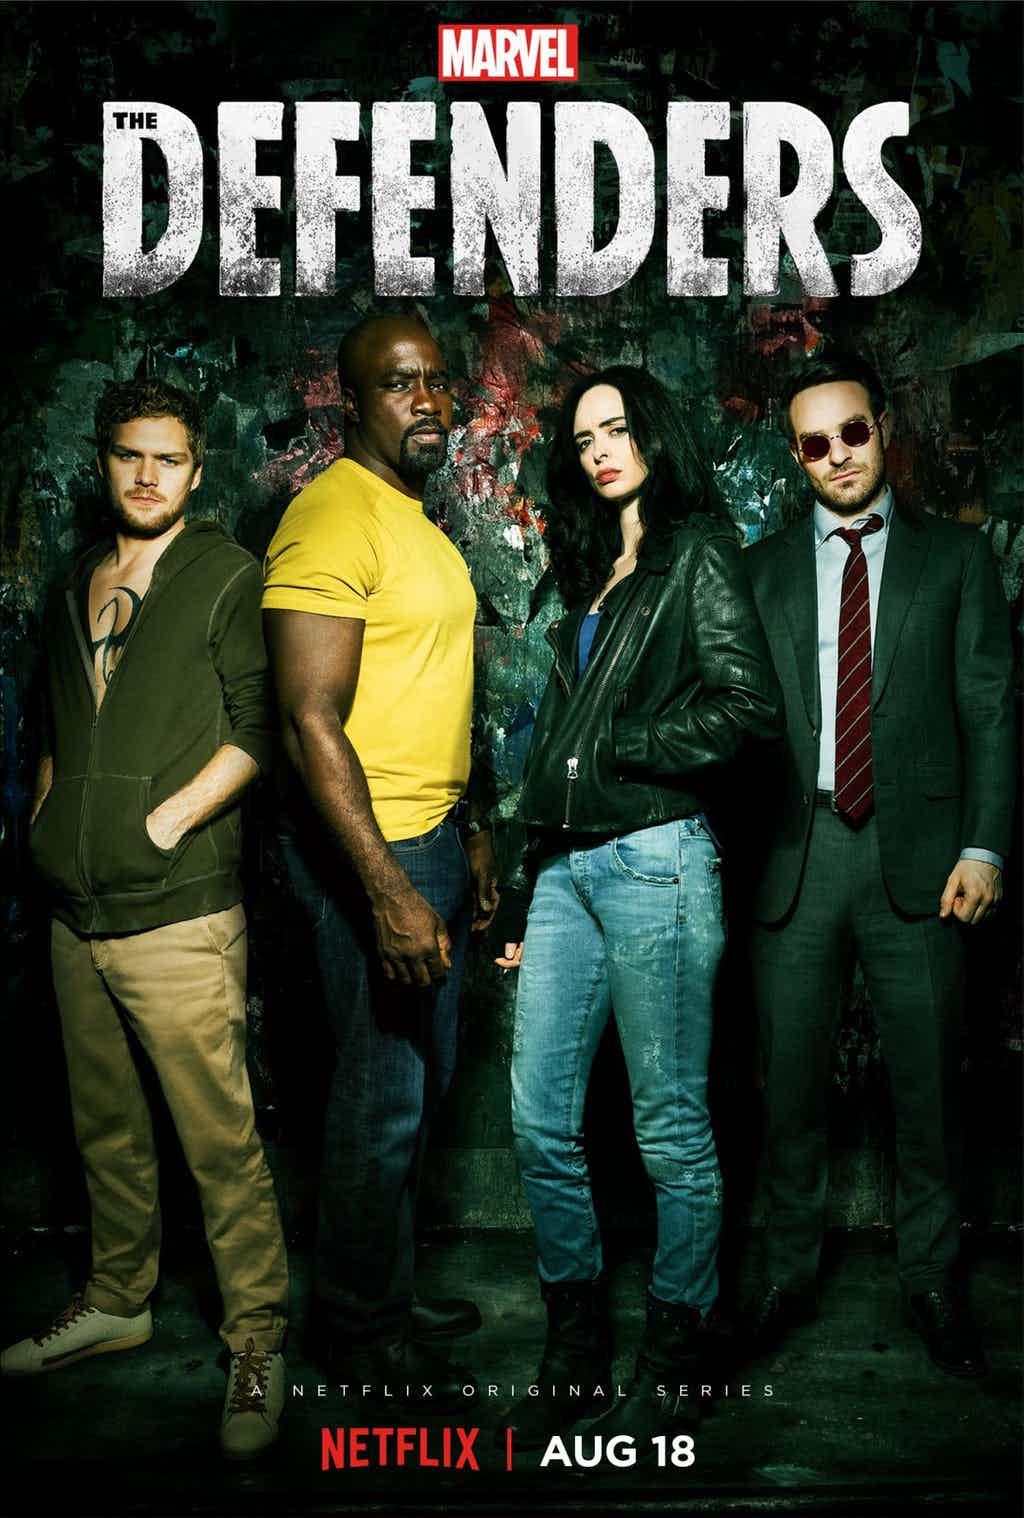 Marvel's_The_Defenders_poster_003.jpg